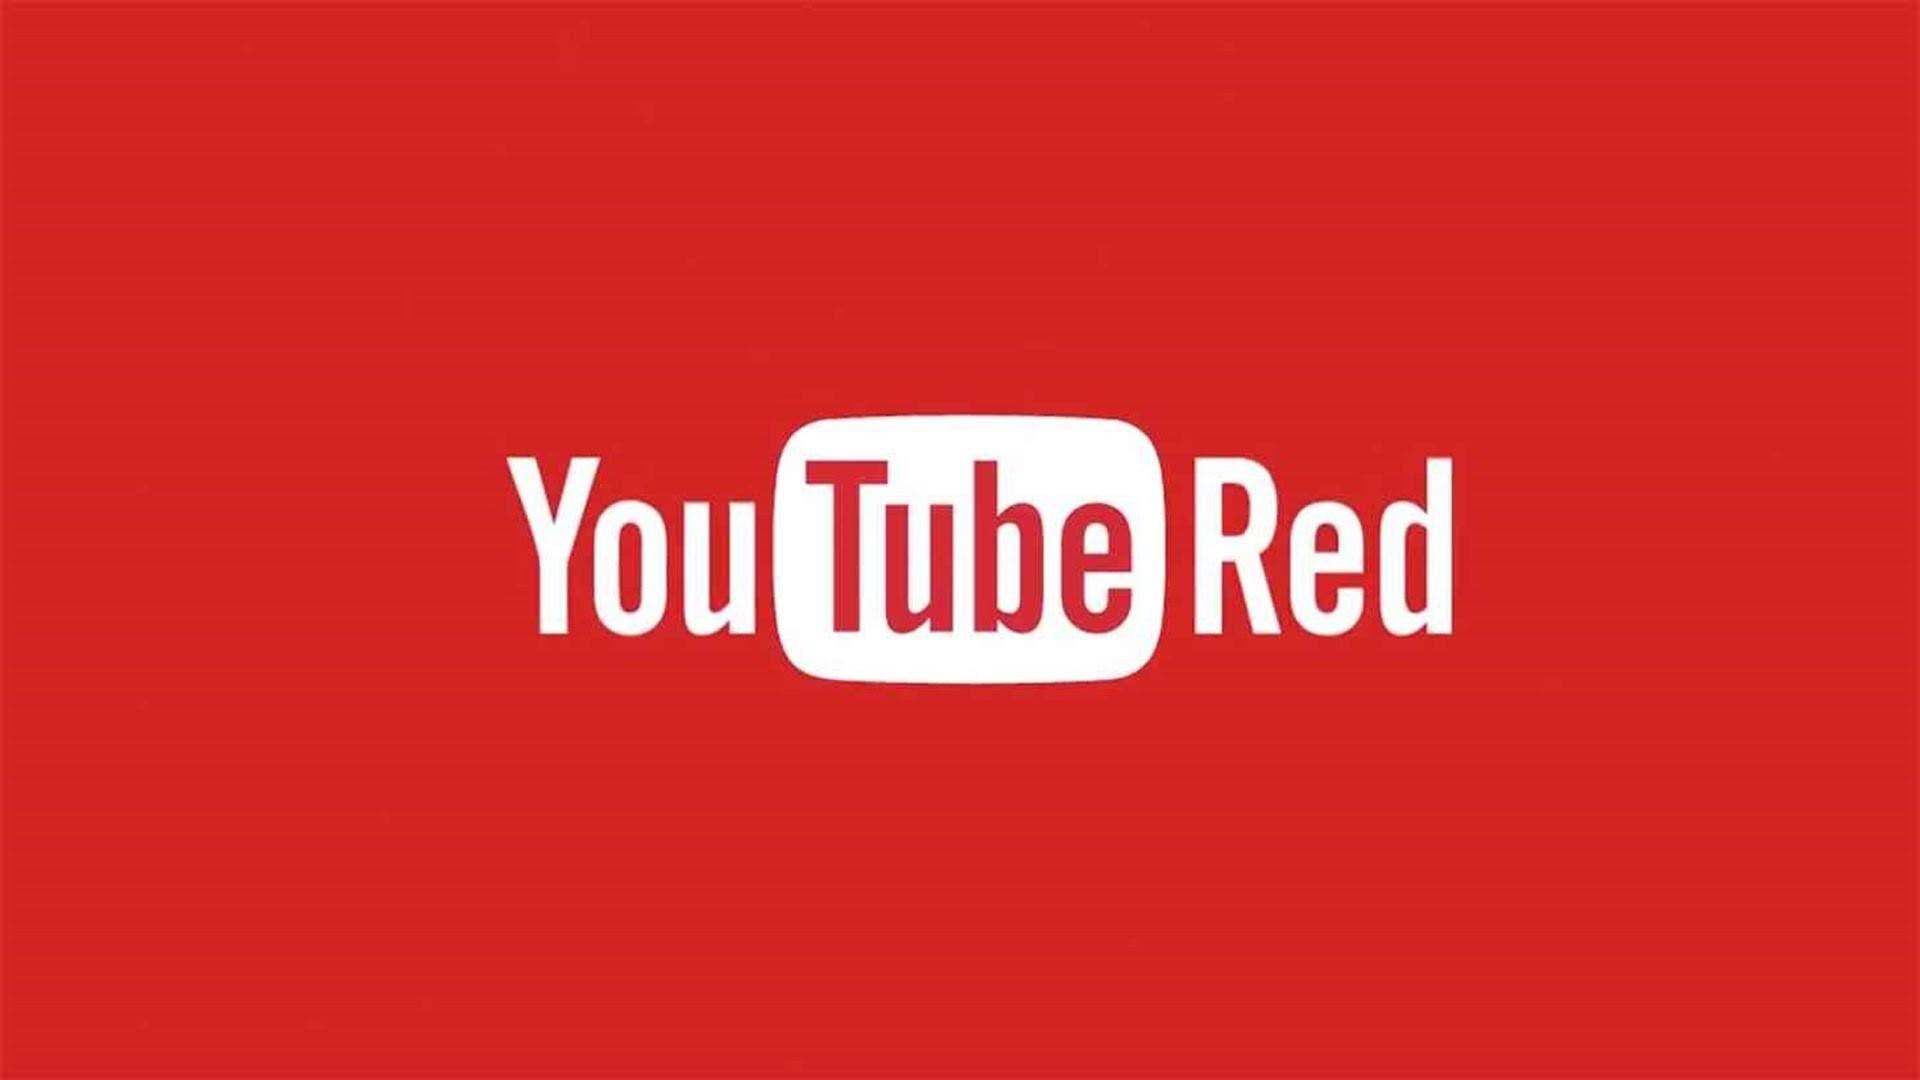 youtuber logos